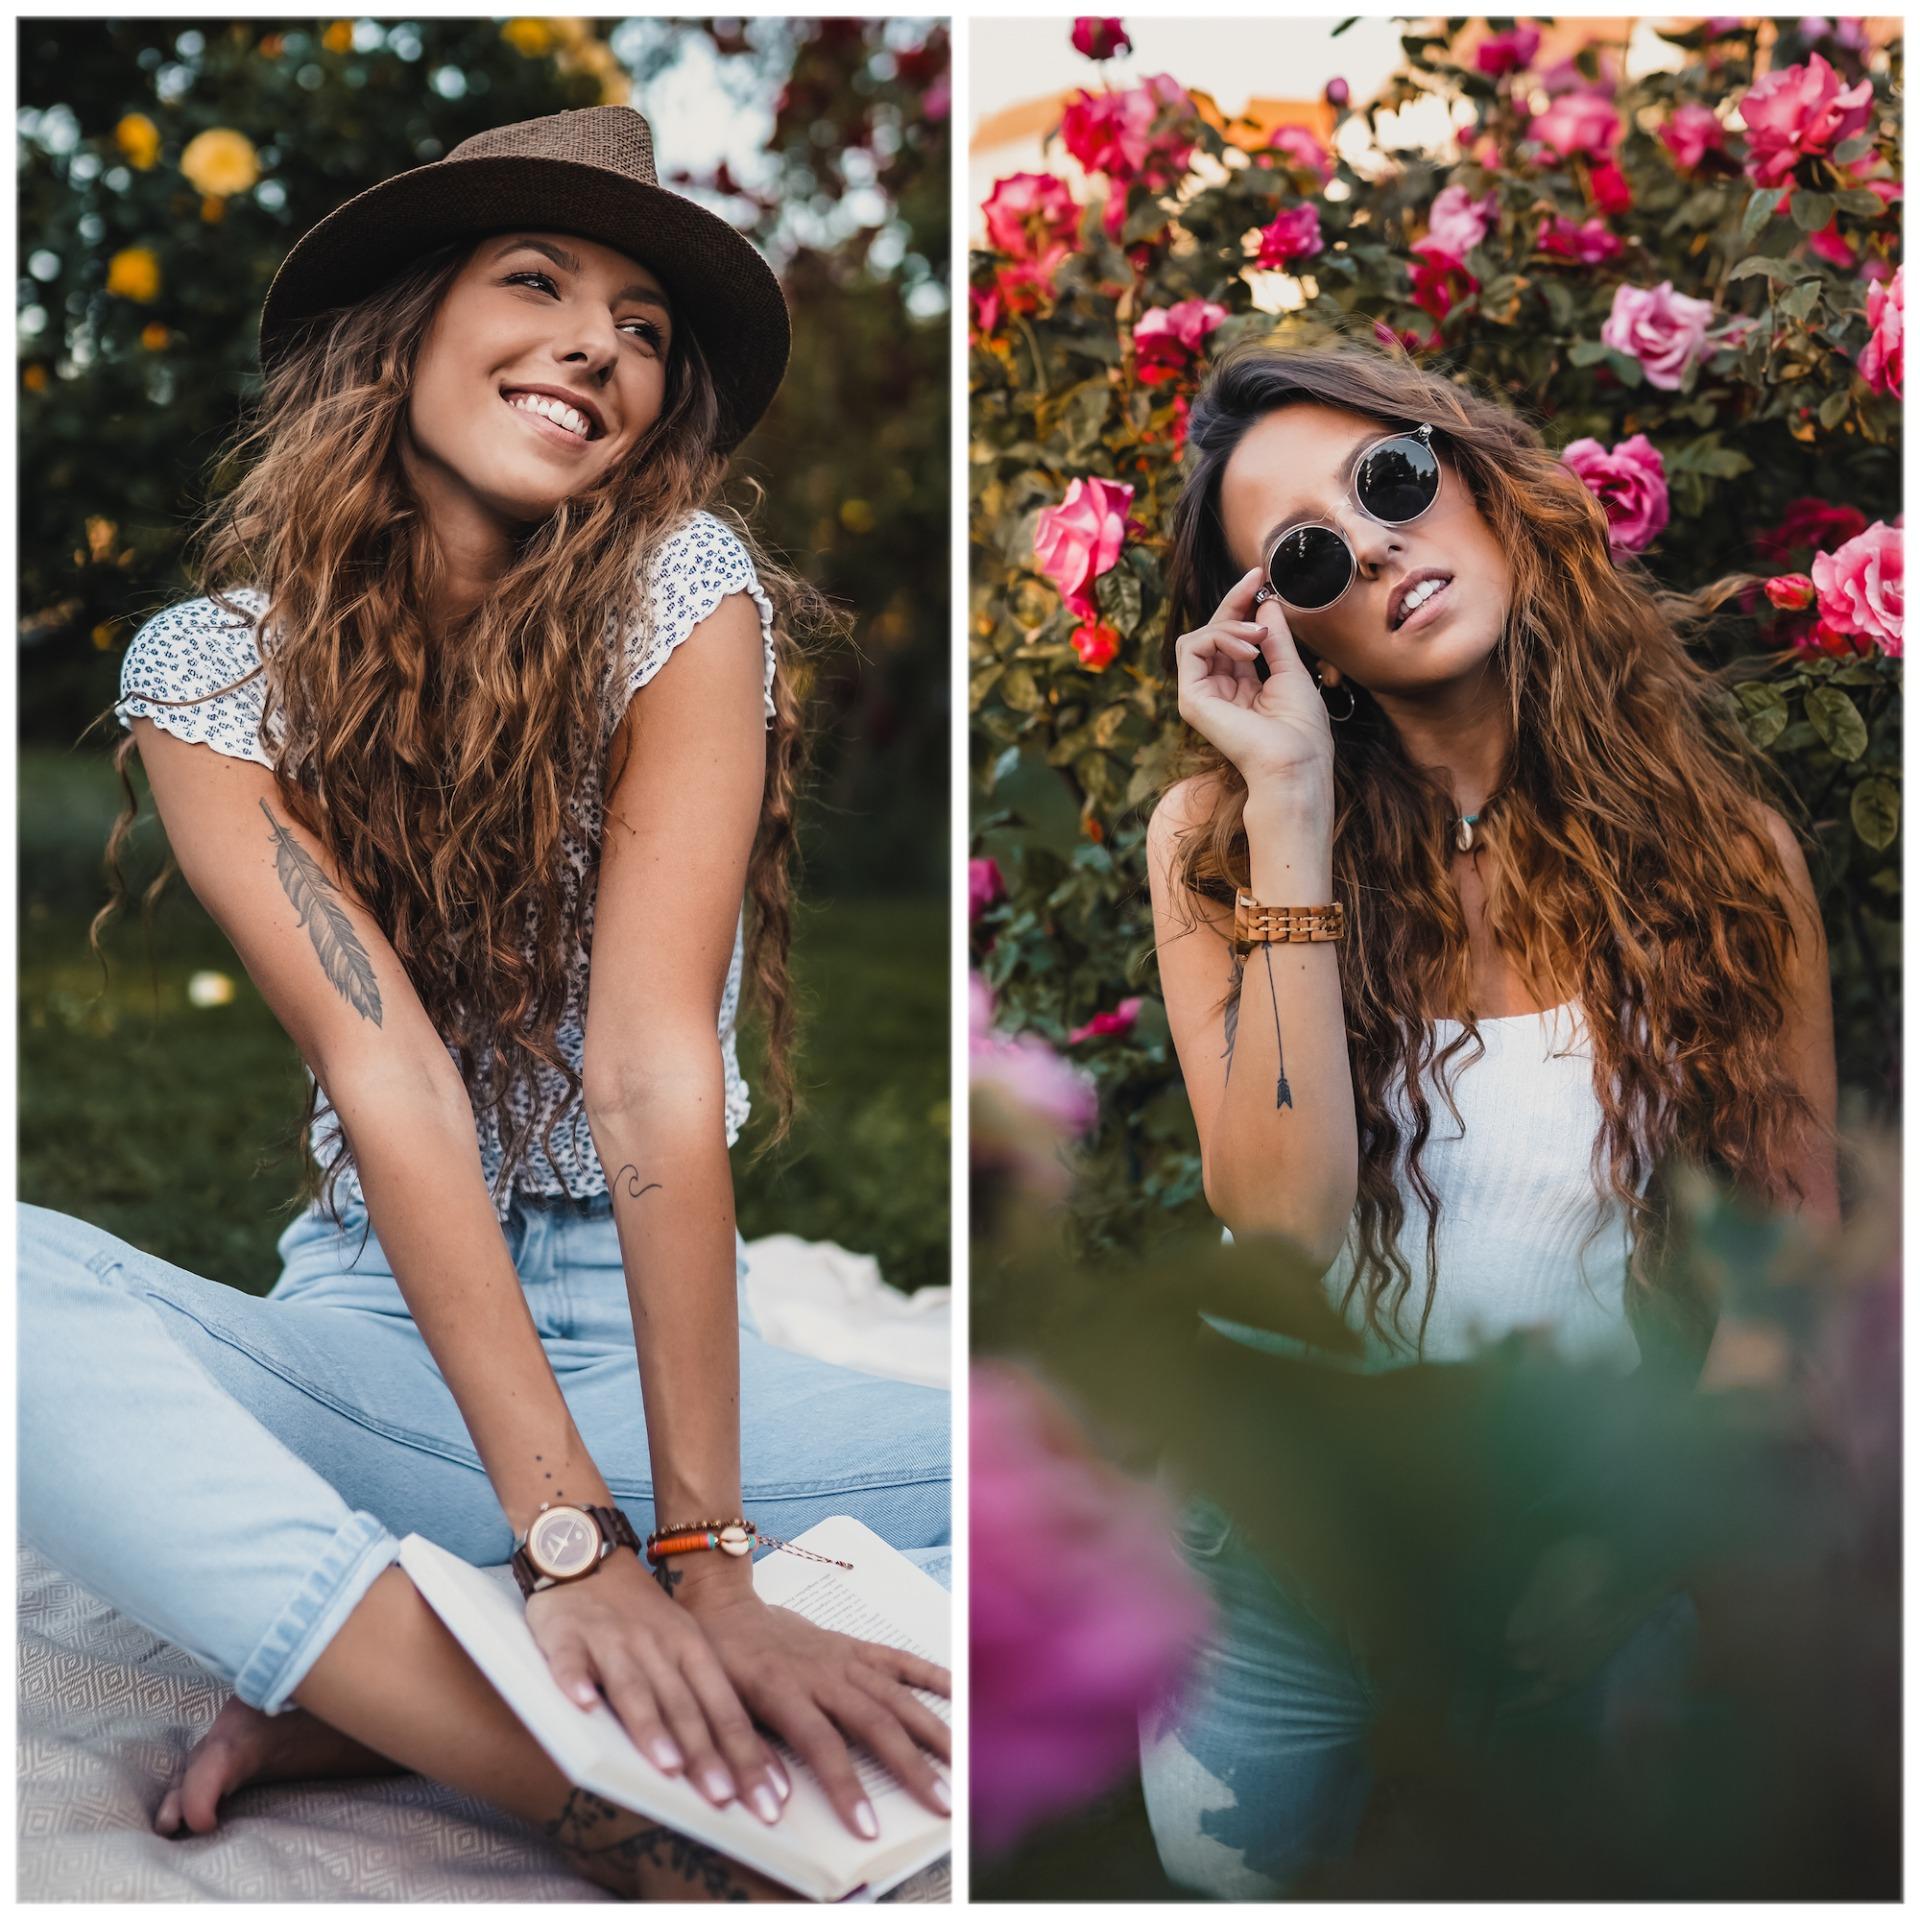 Mädchen mit Hut und Brille